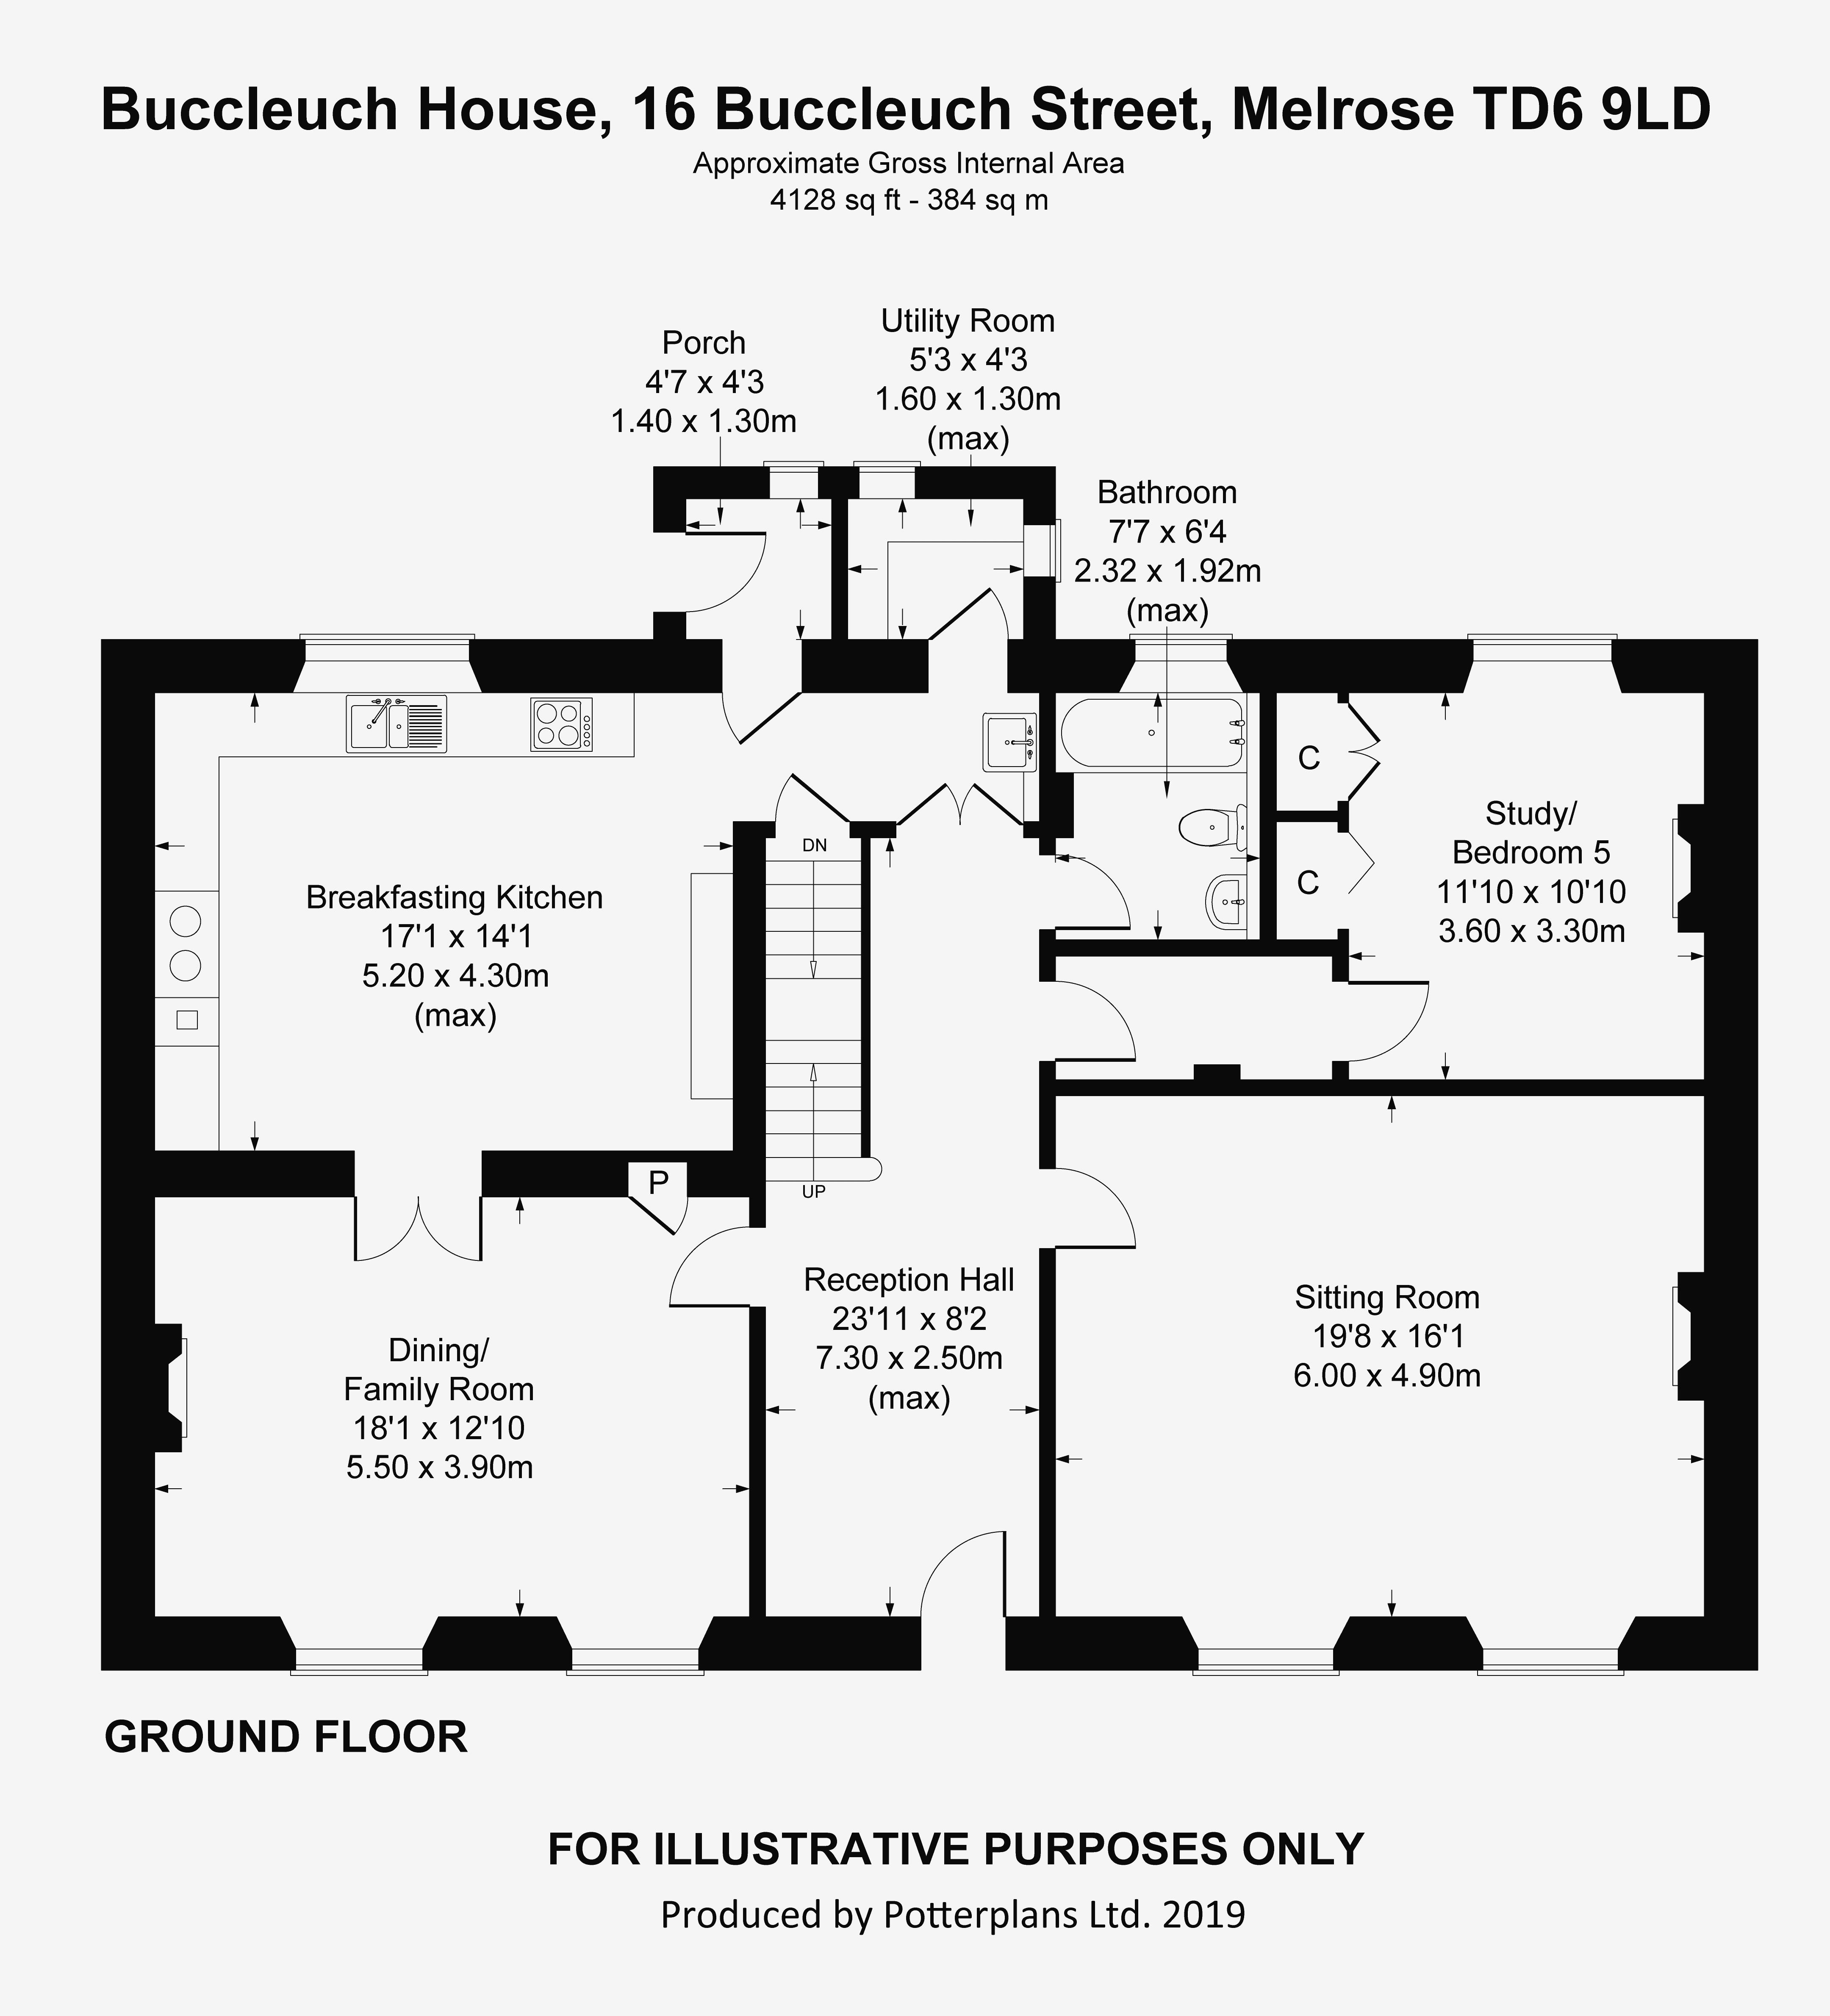 Buccleuch House Ground Floor